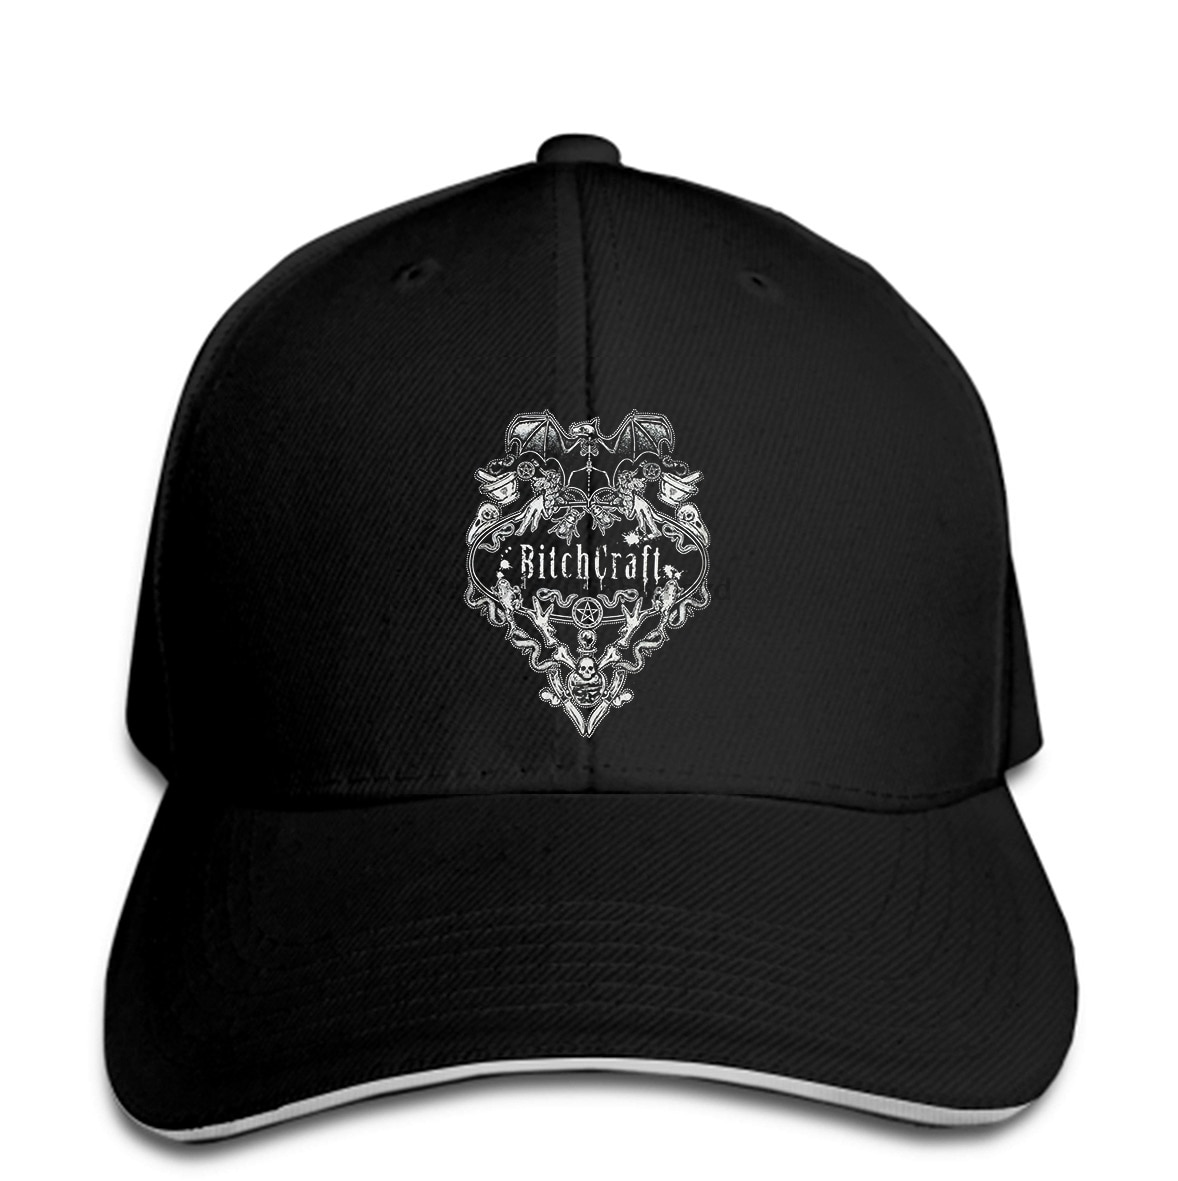 Restyle Bitchcraft Goth Punk Tattoo Emo Gothic Hexe Schwarz Top Hut Snapback Kappe Frauen Hut Erreichte